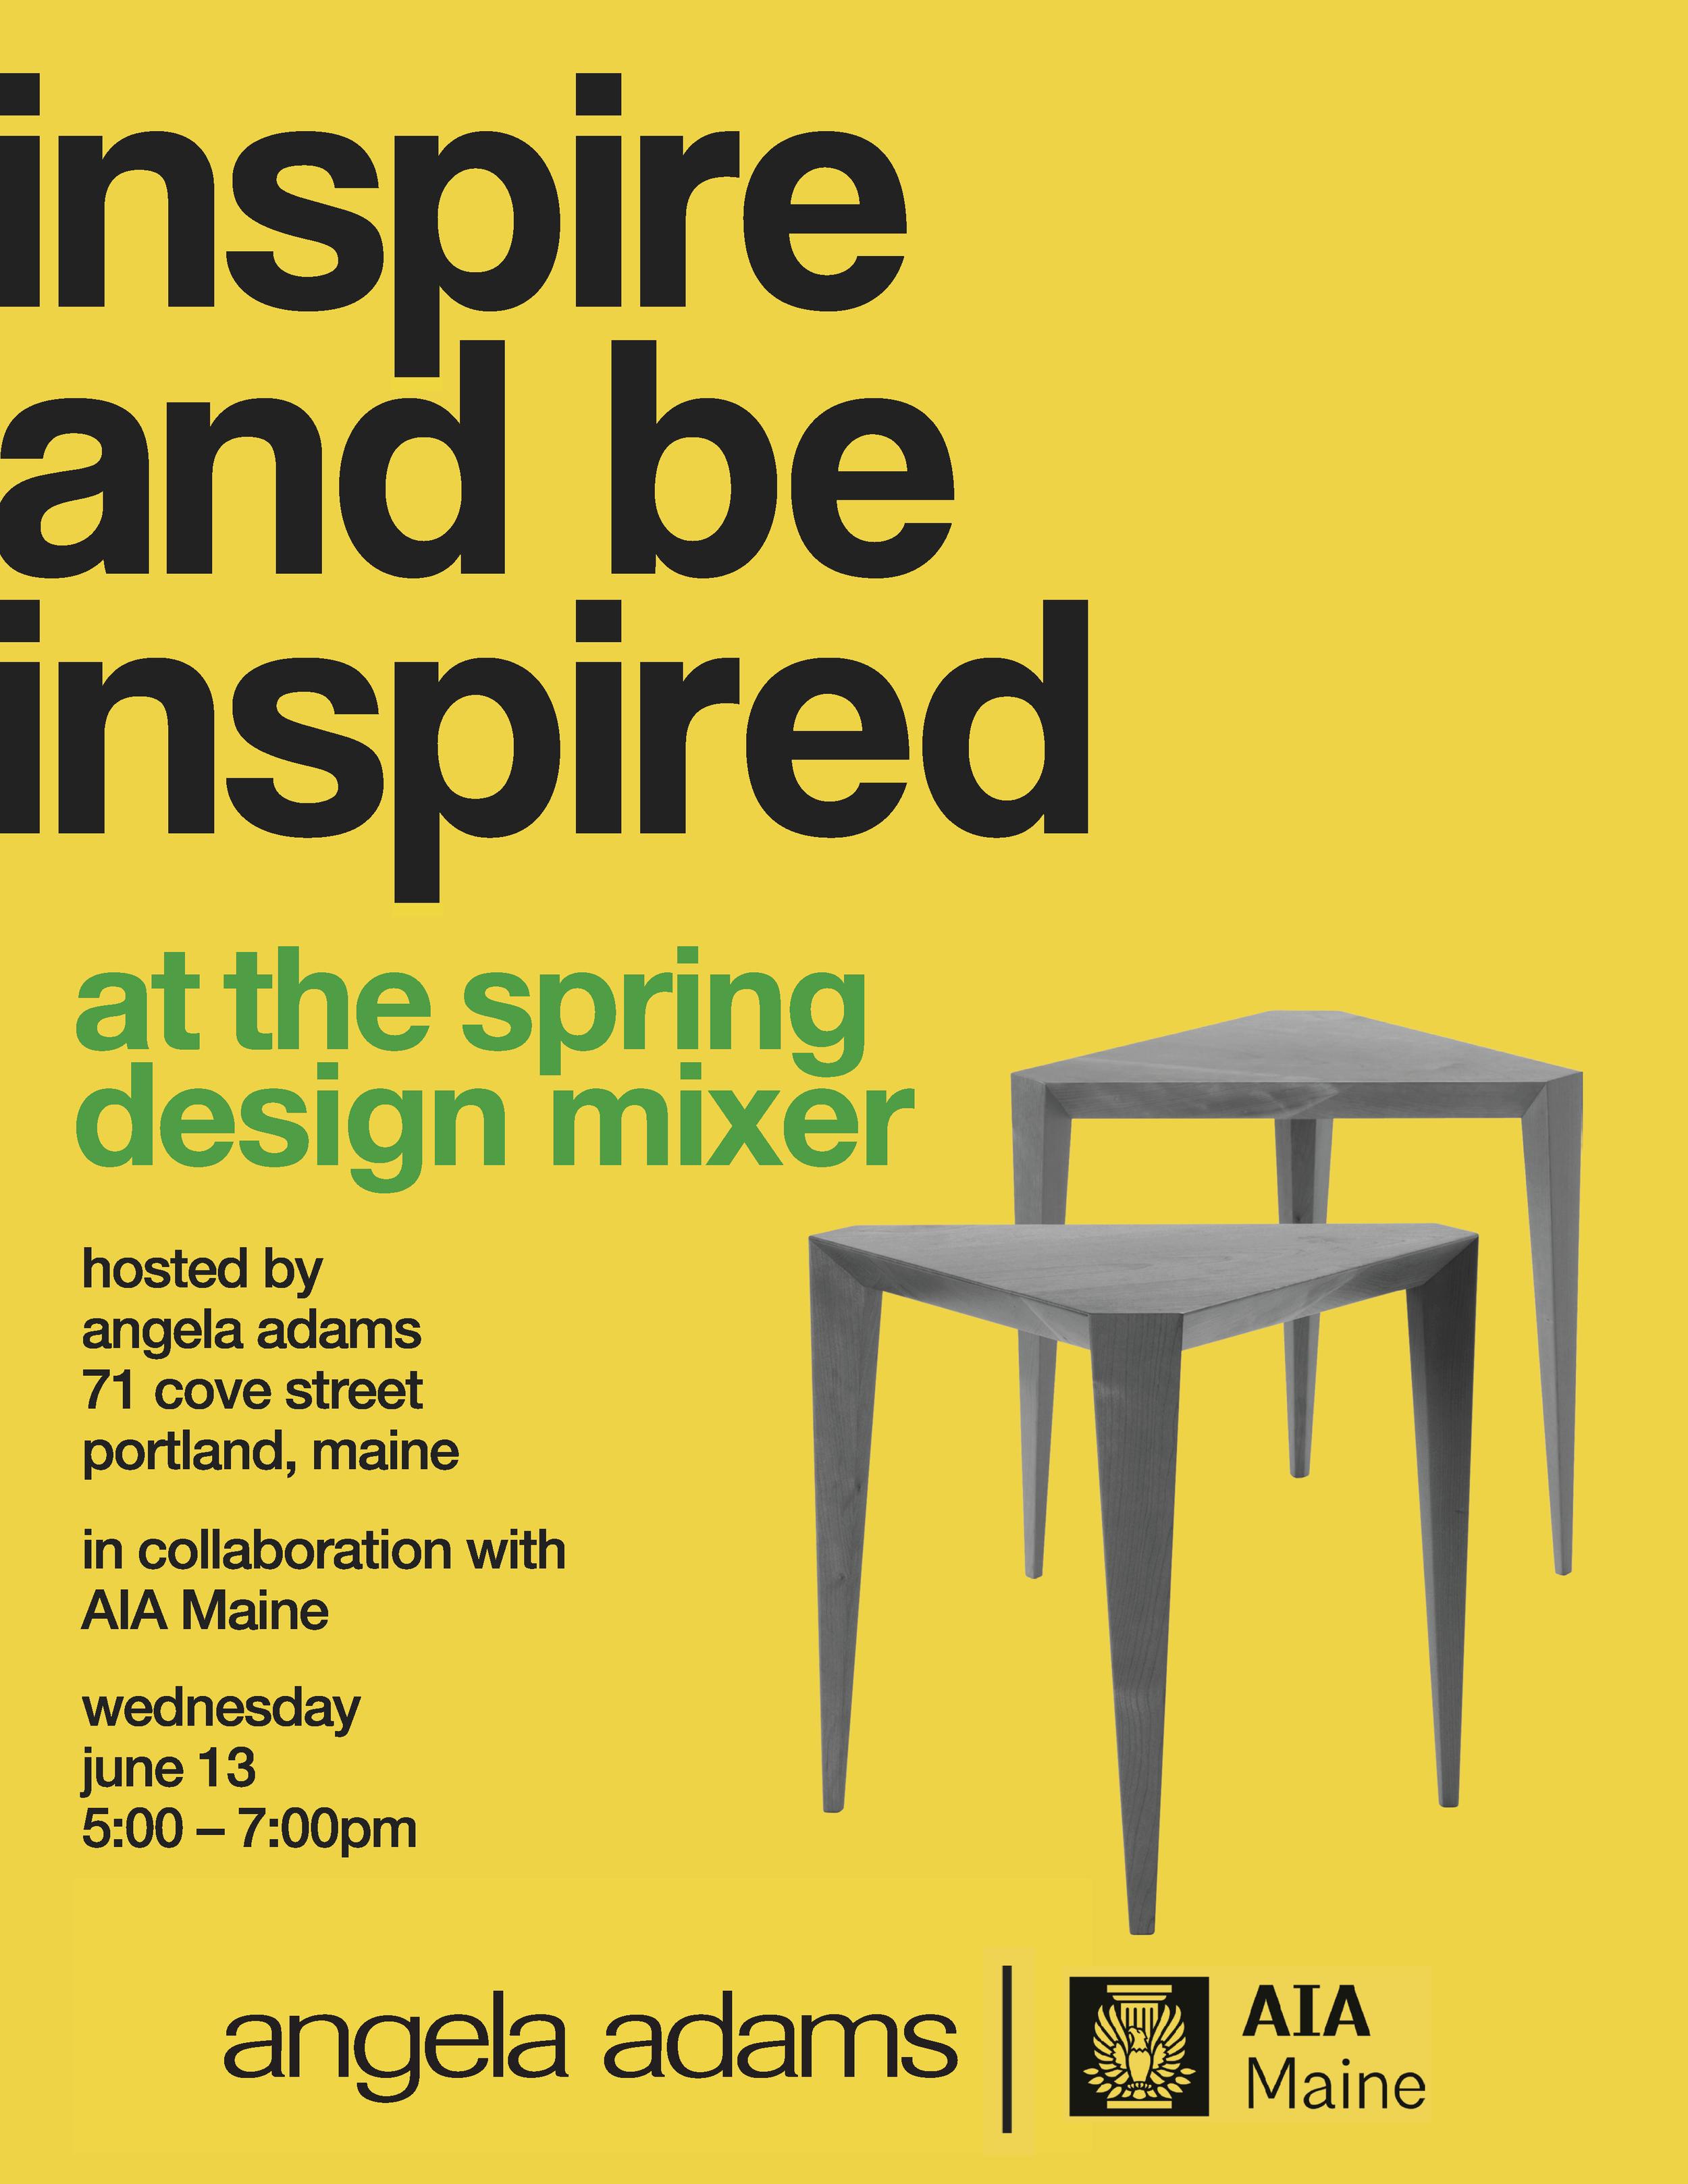 spring_design_mixer 2.png